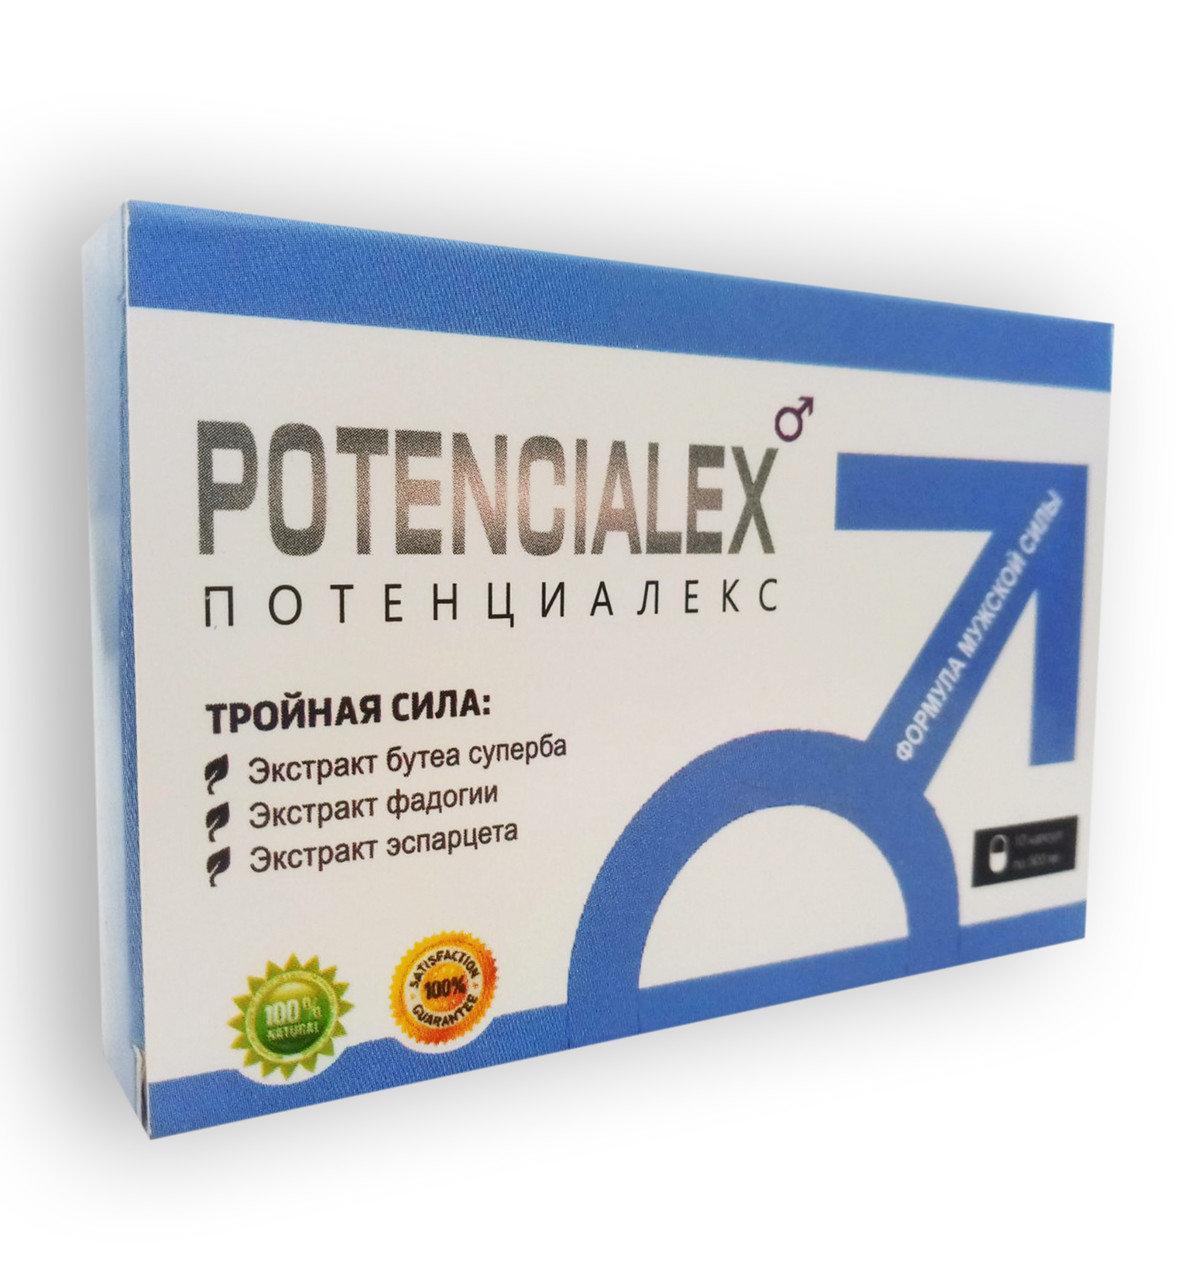 Potencialex - Капсулы мужские для потенции (Потенциалекс)